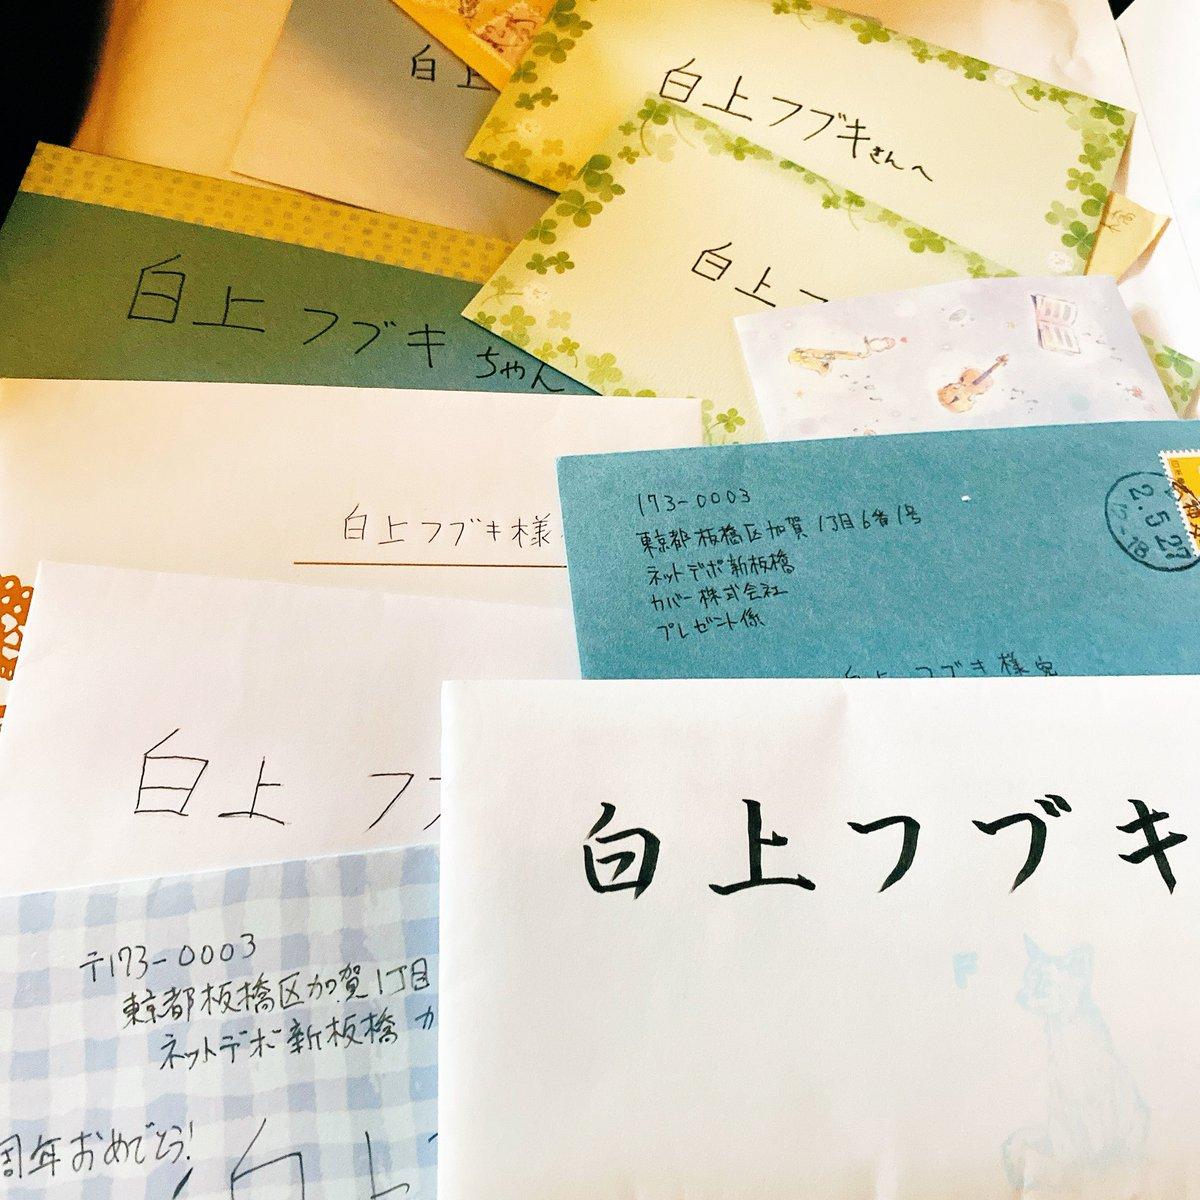 わぁぁぁあああああい✨✨🦊👏めちゃくちゃ久しぶりに皆さんからのお手紙や色紙がきましたぁぁぁ😭😭😭😭これを待ってた……😭💦全部写せなくてすみません🙏🏻💦ようやく、運営さんがお手紙等の発送を再開してくださったみたいです✨✨さっそく全部読むぞぉぉぉぉ💪🏼・:*+.(( °ω° ))/.:+